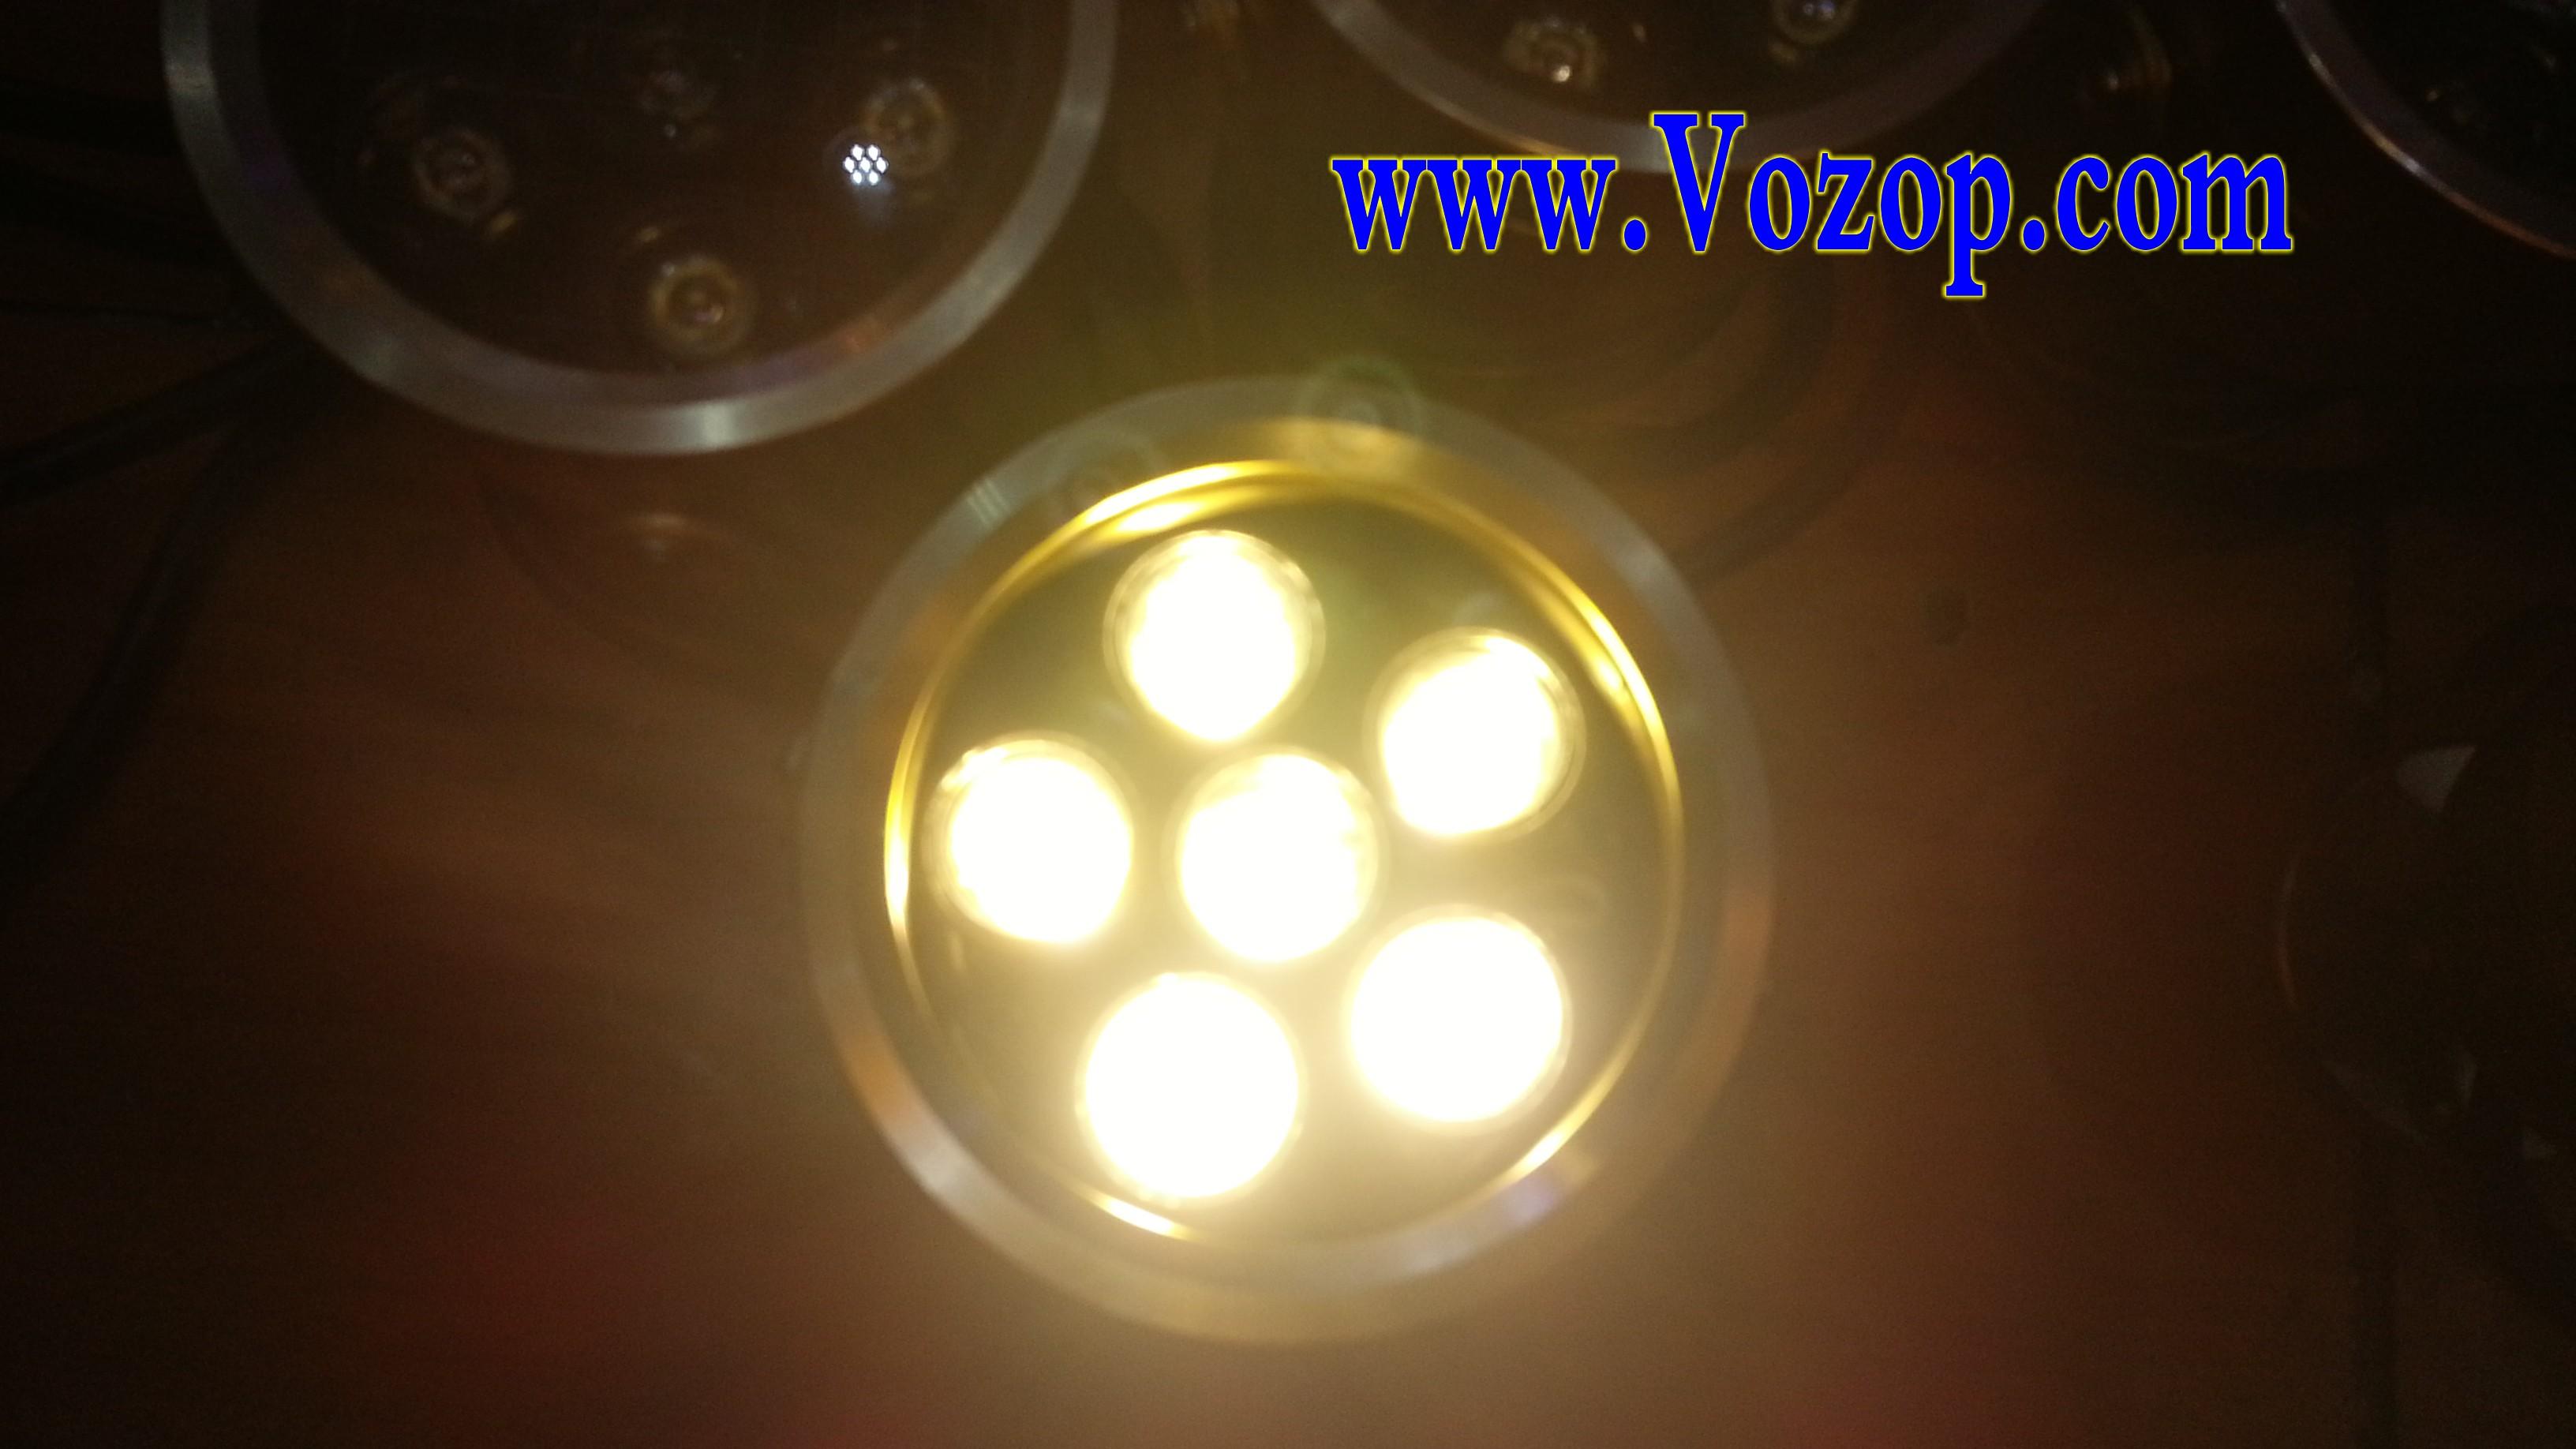 warm_white_6W_Project_Flood_Light_Garden_Lamp_Golden_Shell_floodlight